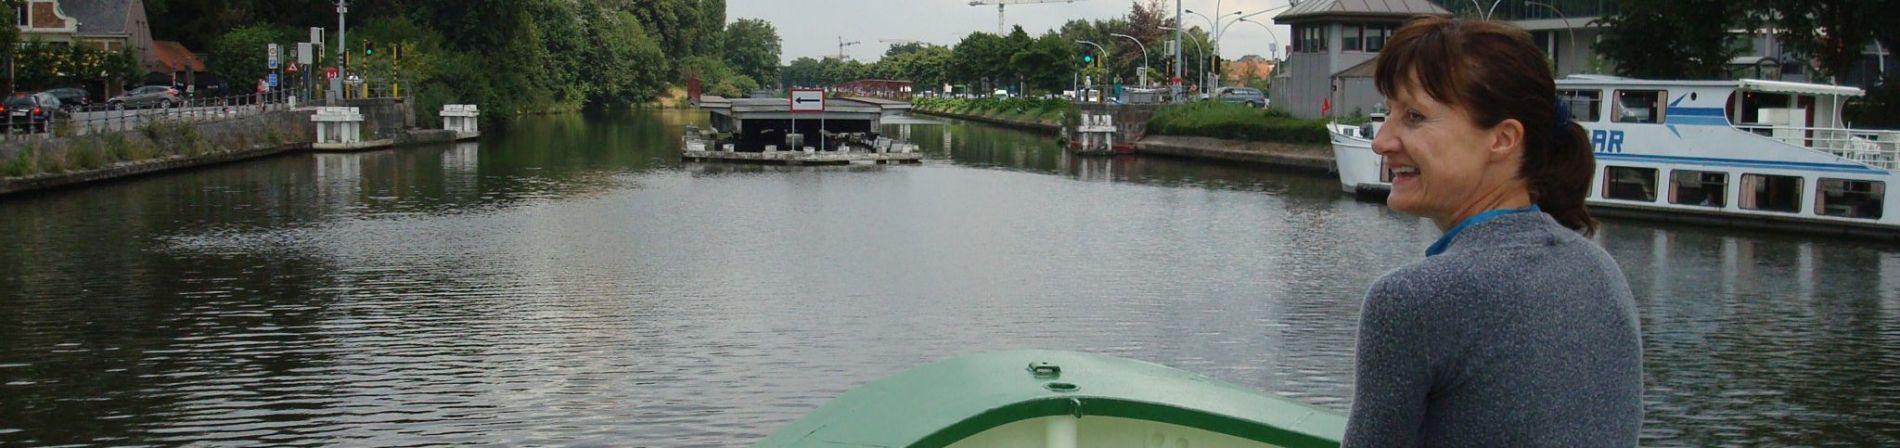 Johanna sur le canal à Bruges